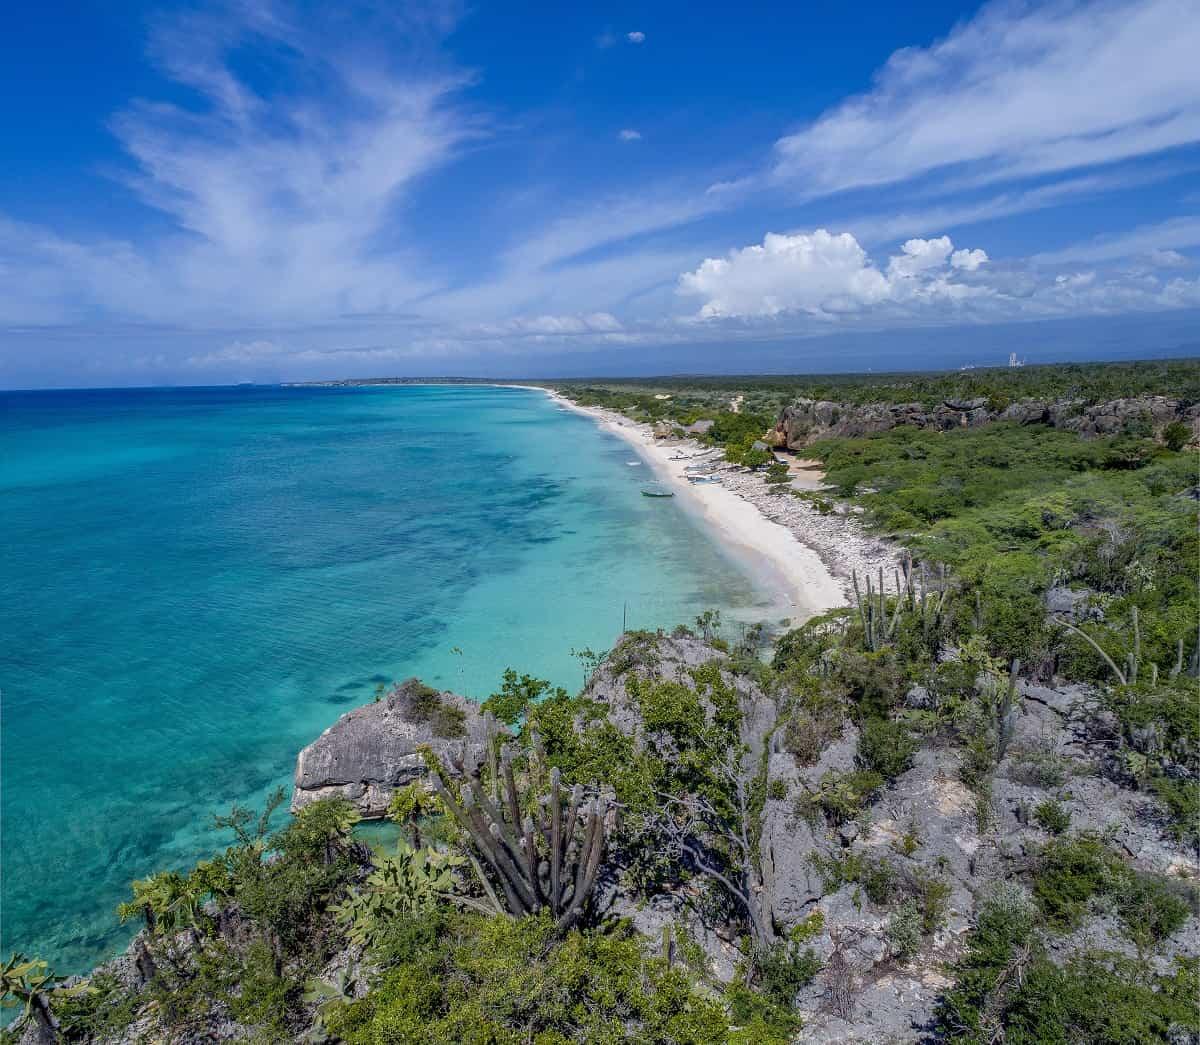 República Dominicana, un destino para aventureros y curiosos